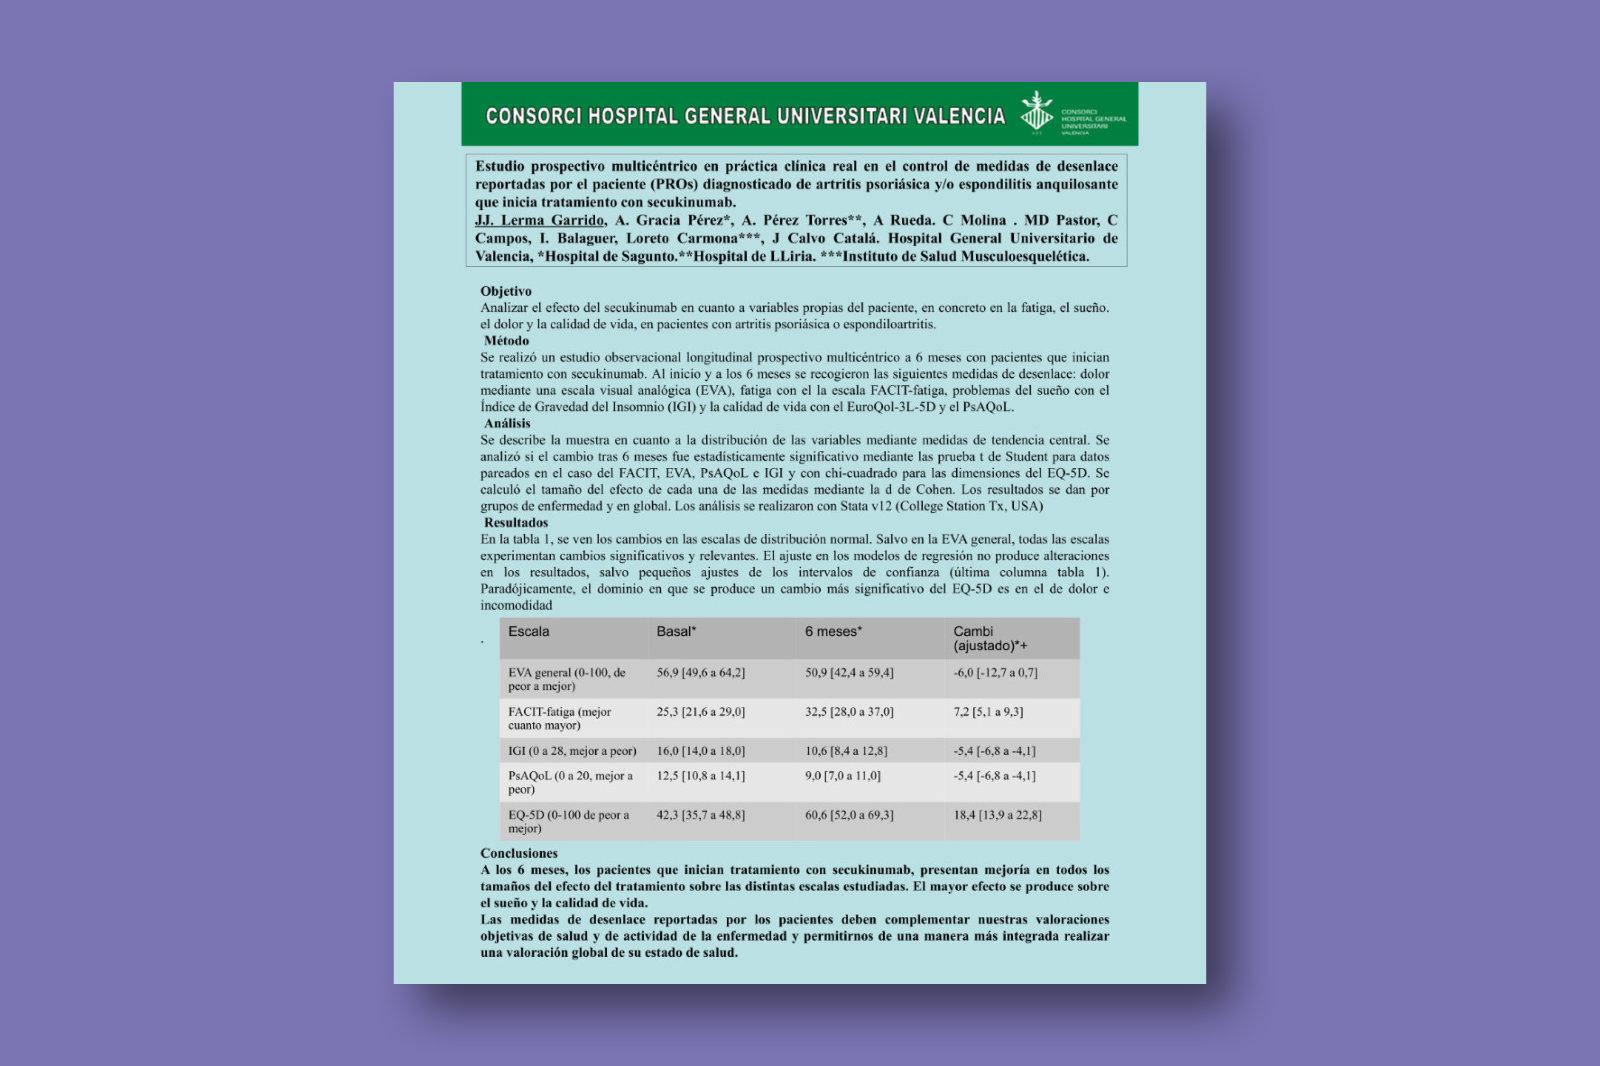 Estudio prospectivo multicéntrico en práctica clínica real en el control de medidas de desenlace reportadas por el paciente (PROs) diagnosticado de artritis psoriásica y/o espondilitis anquilosante que inicia tratamiento con secukinumab